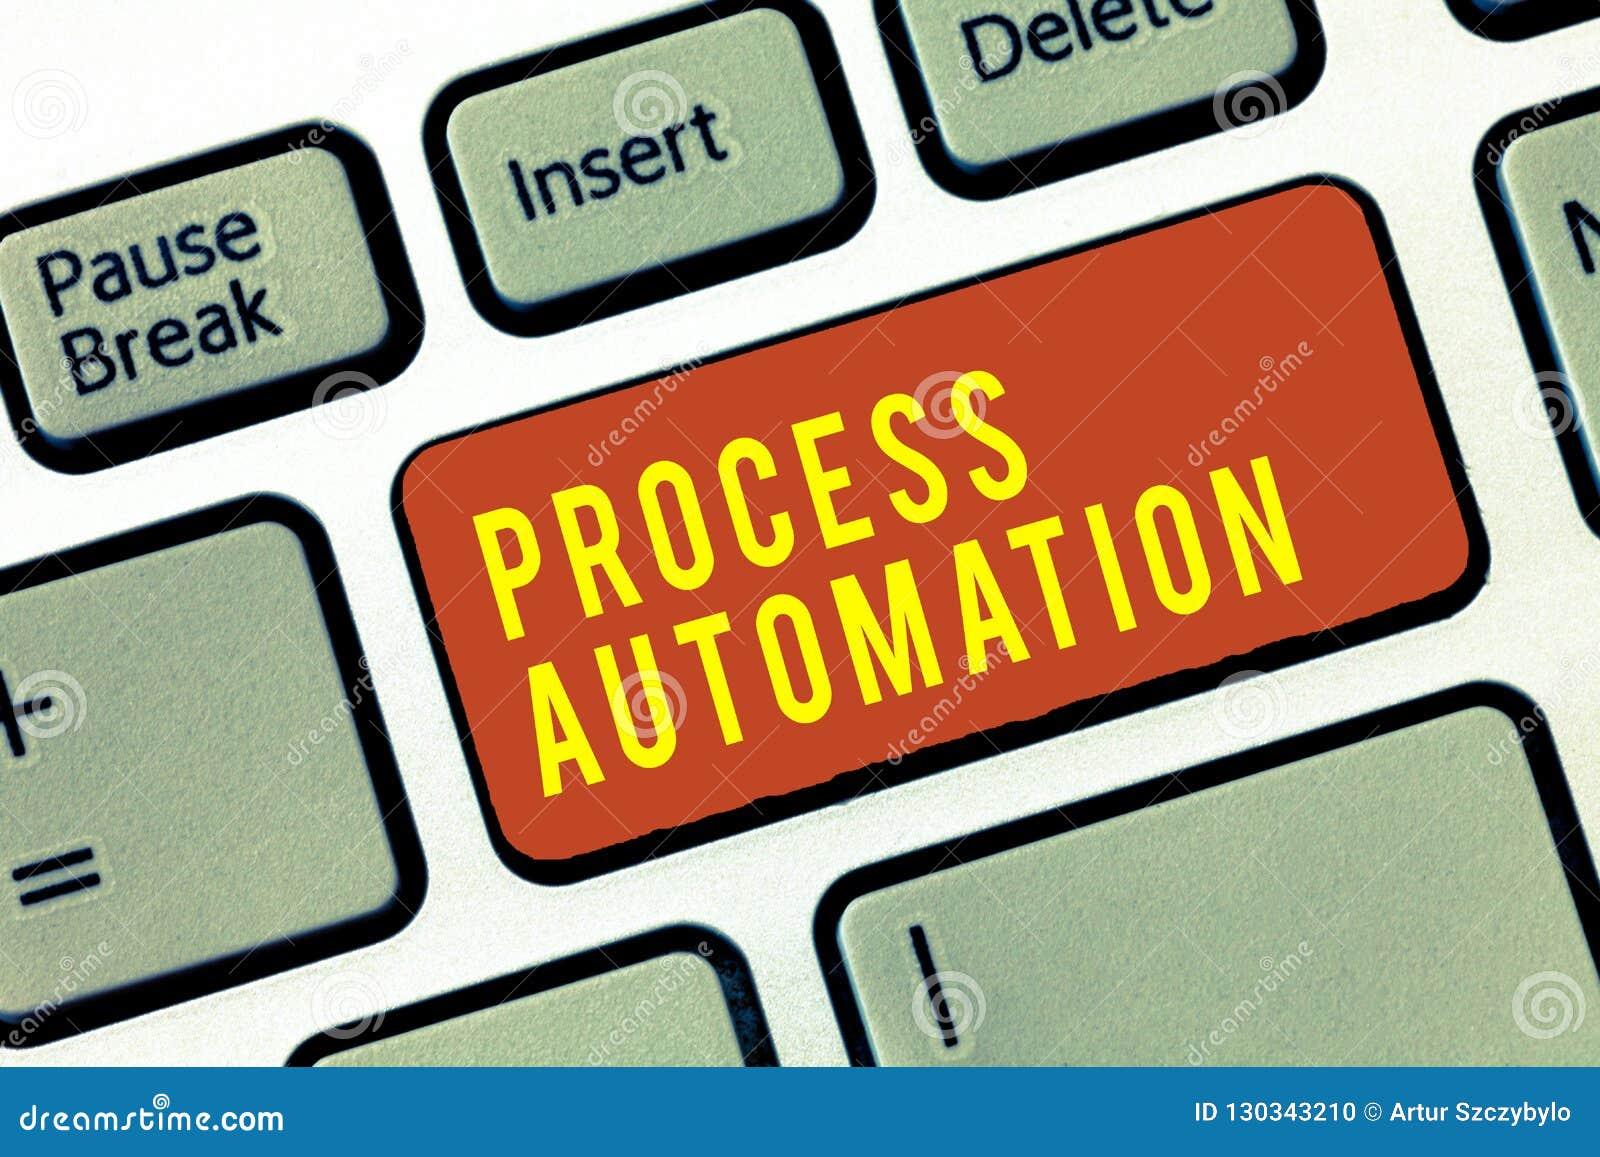 Αυτοματοποίηση διαδικασίας κειμένων γραφής Έννοια που σημαίνει βελτιωμένο μετασχηματισμός ρομποτικό για να αποφύγει τον πλεονασμό